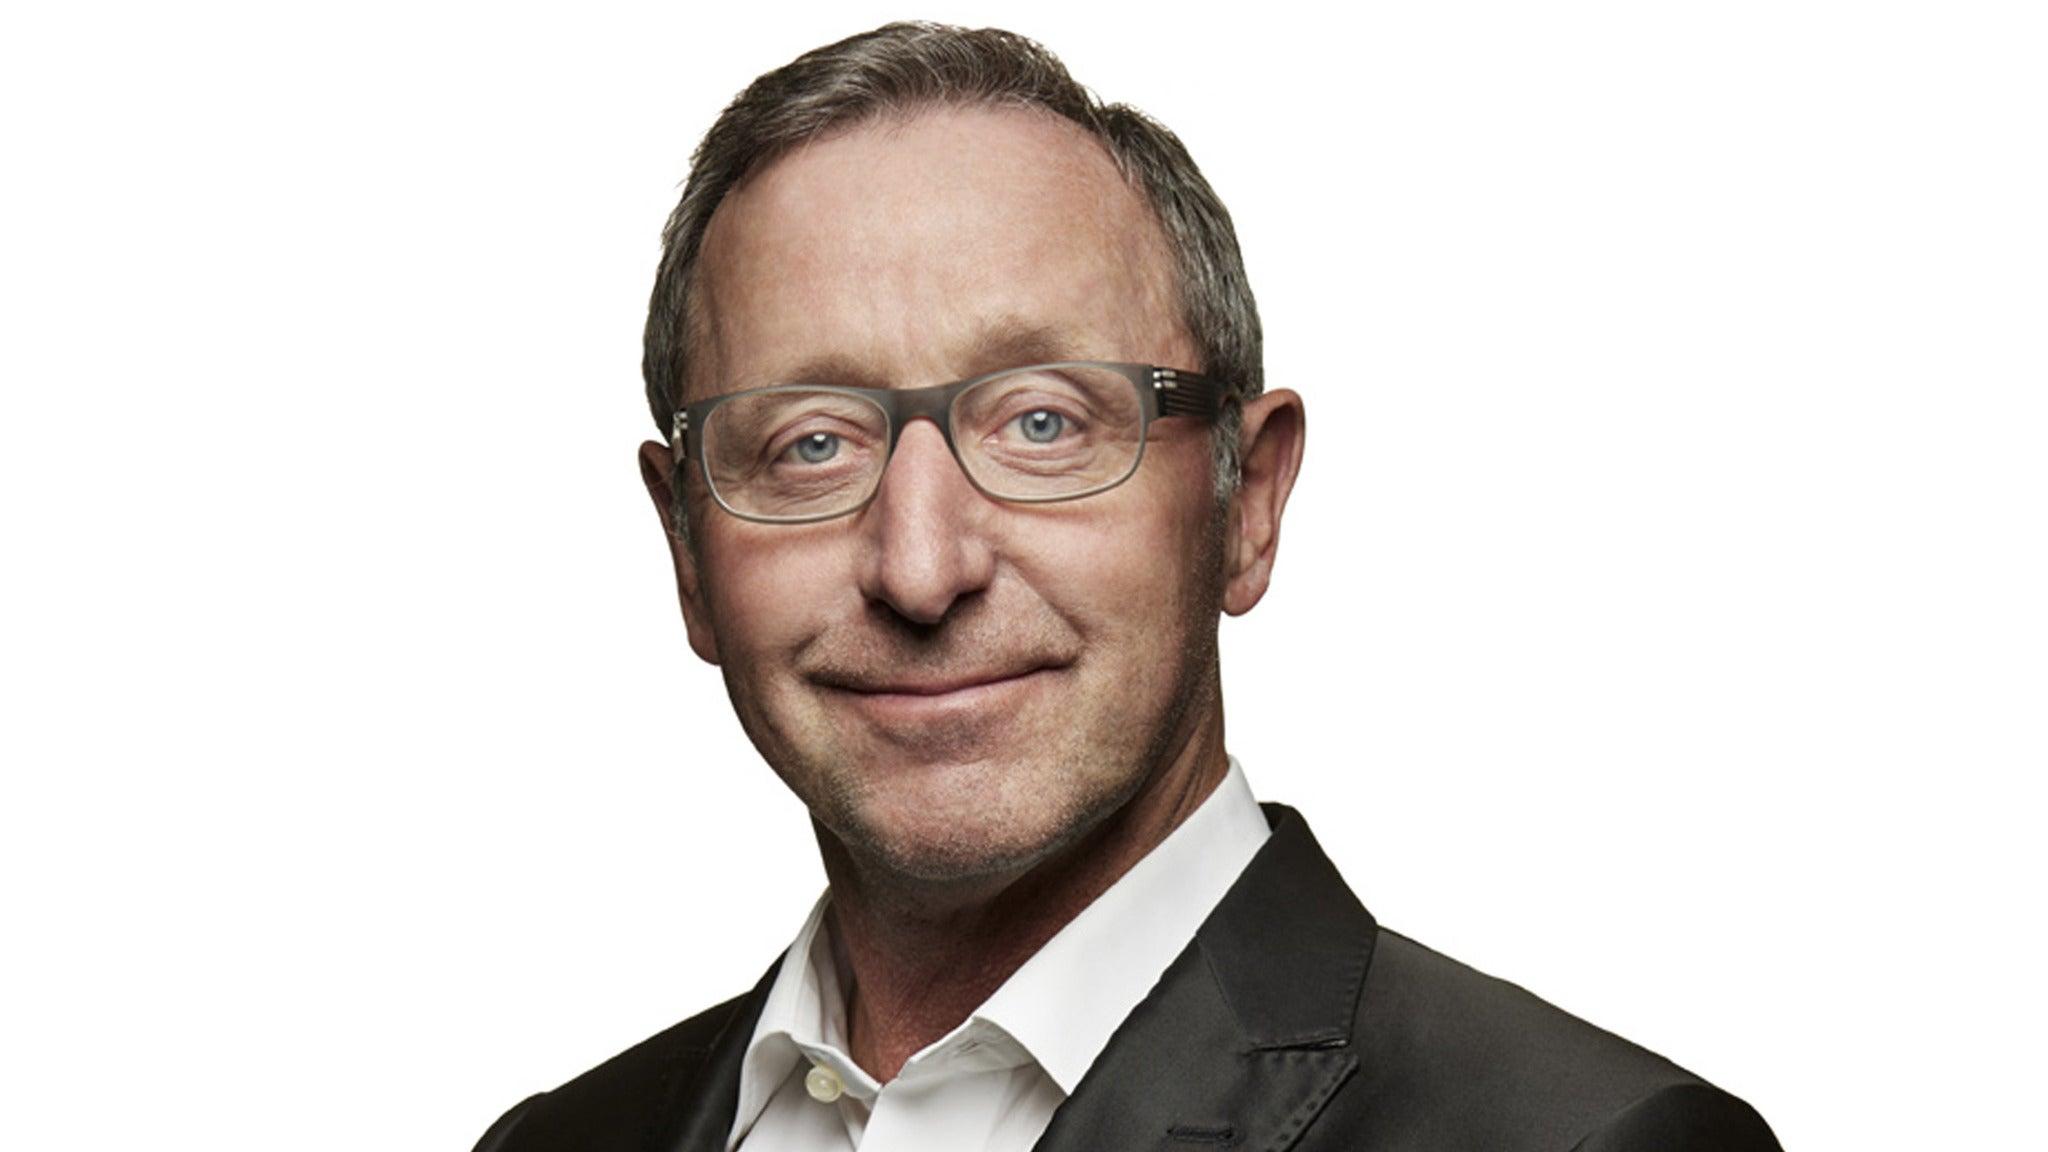 Finn Norbygaard